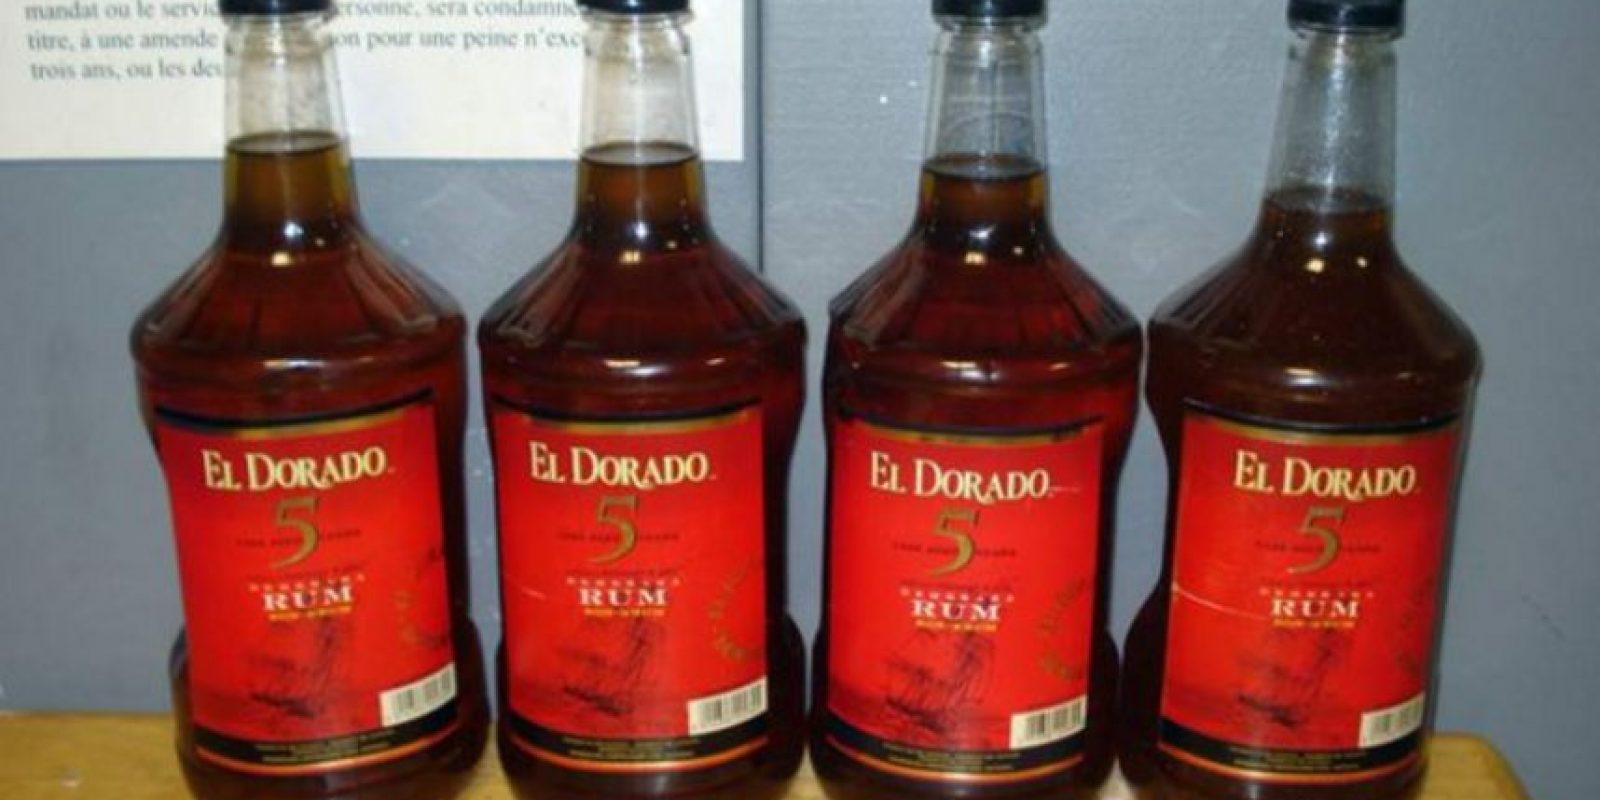 Para transportar drogas como la cocaína, los traficantes los mezclan con disolventes y rellenan botellas que simulan ser de de uso comercial. Foto:AFP